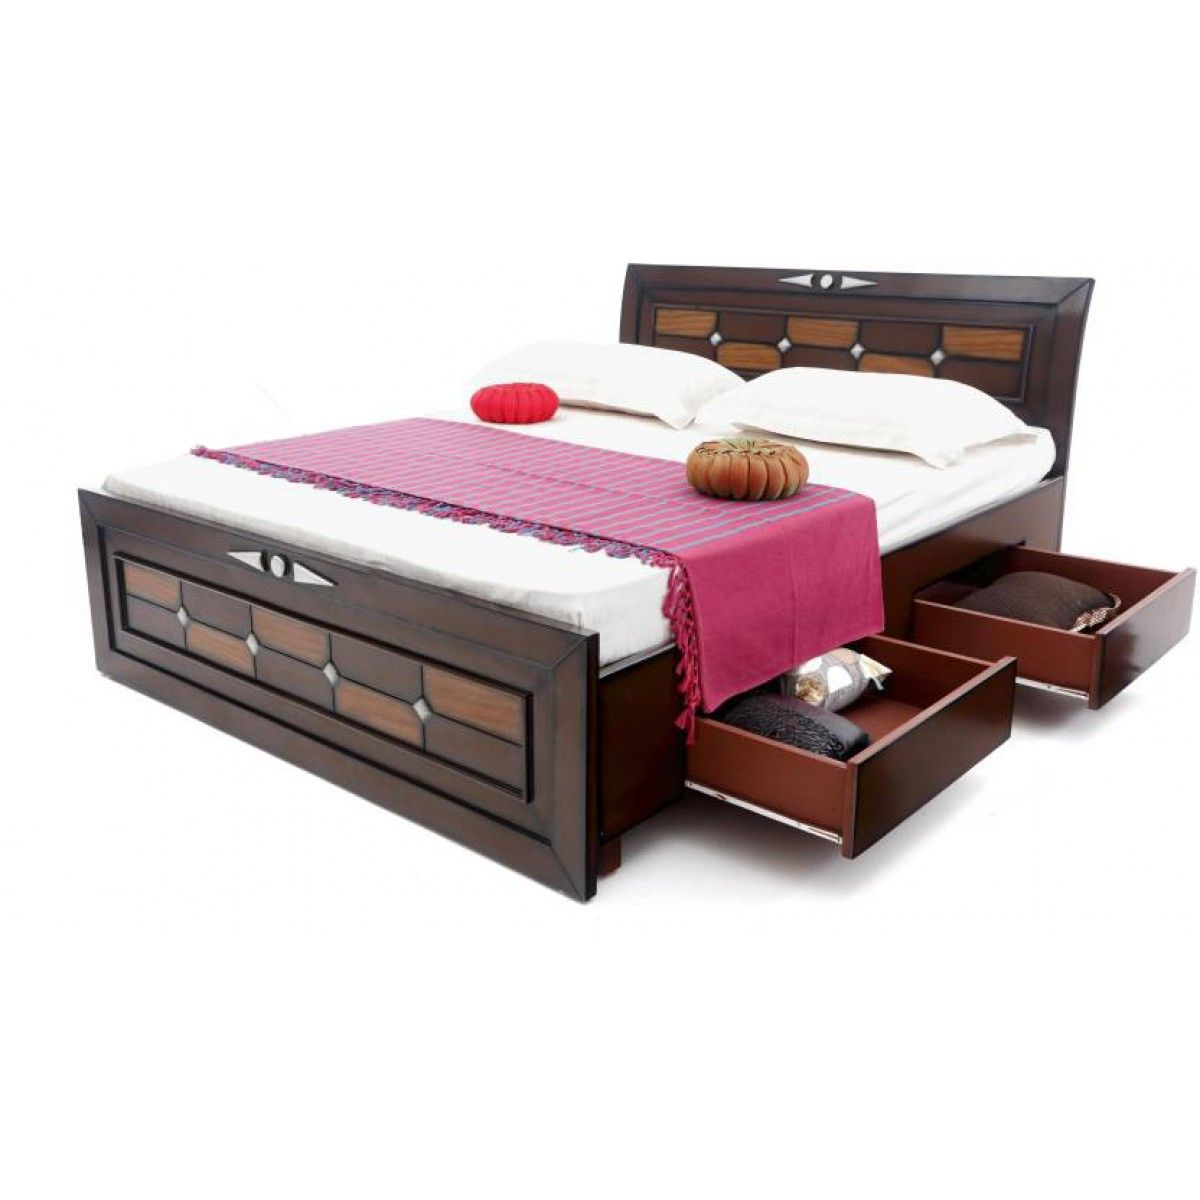 Gorevizon Prepared Wooden Storage Queen Size Bed Bed Designs With Storage Bed Design Wooden Bed Design